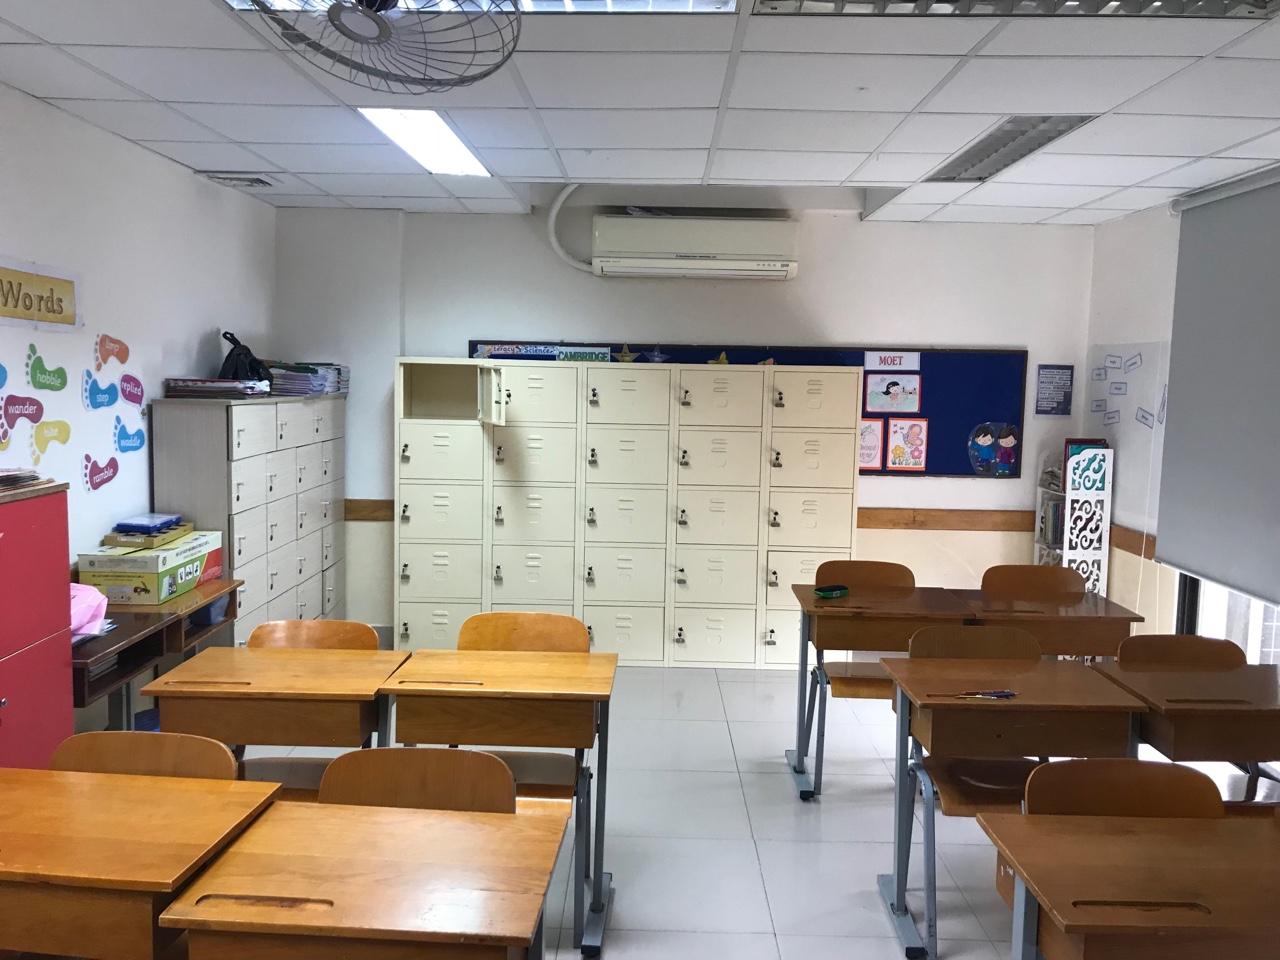 Cung cấp tủ locker cho hệ thống trường học